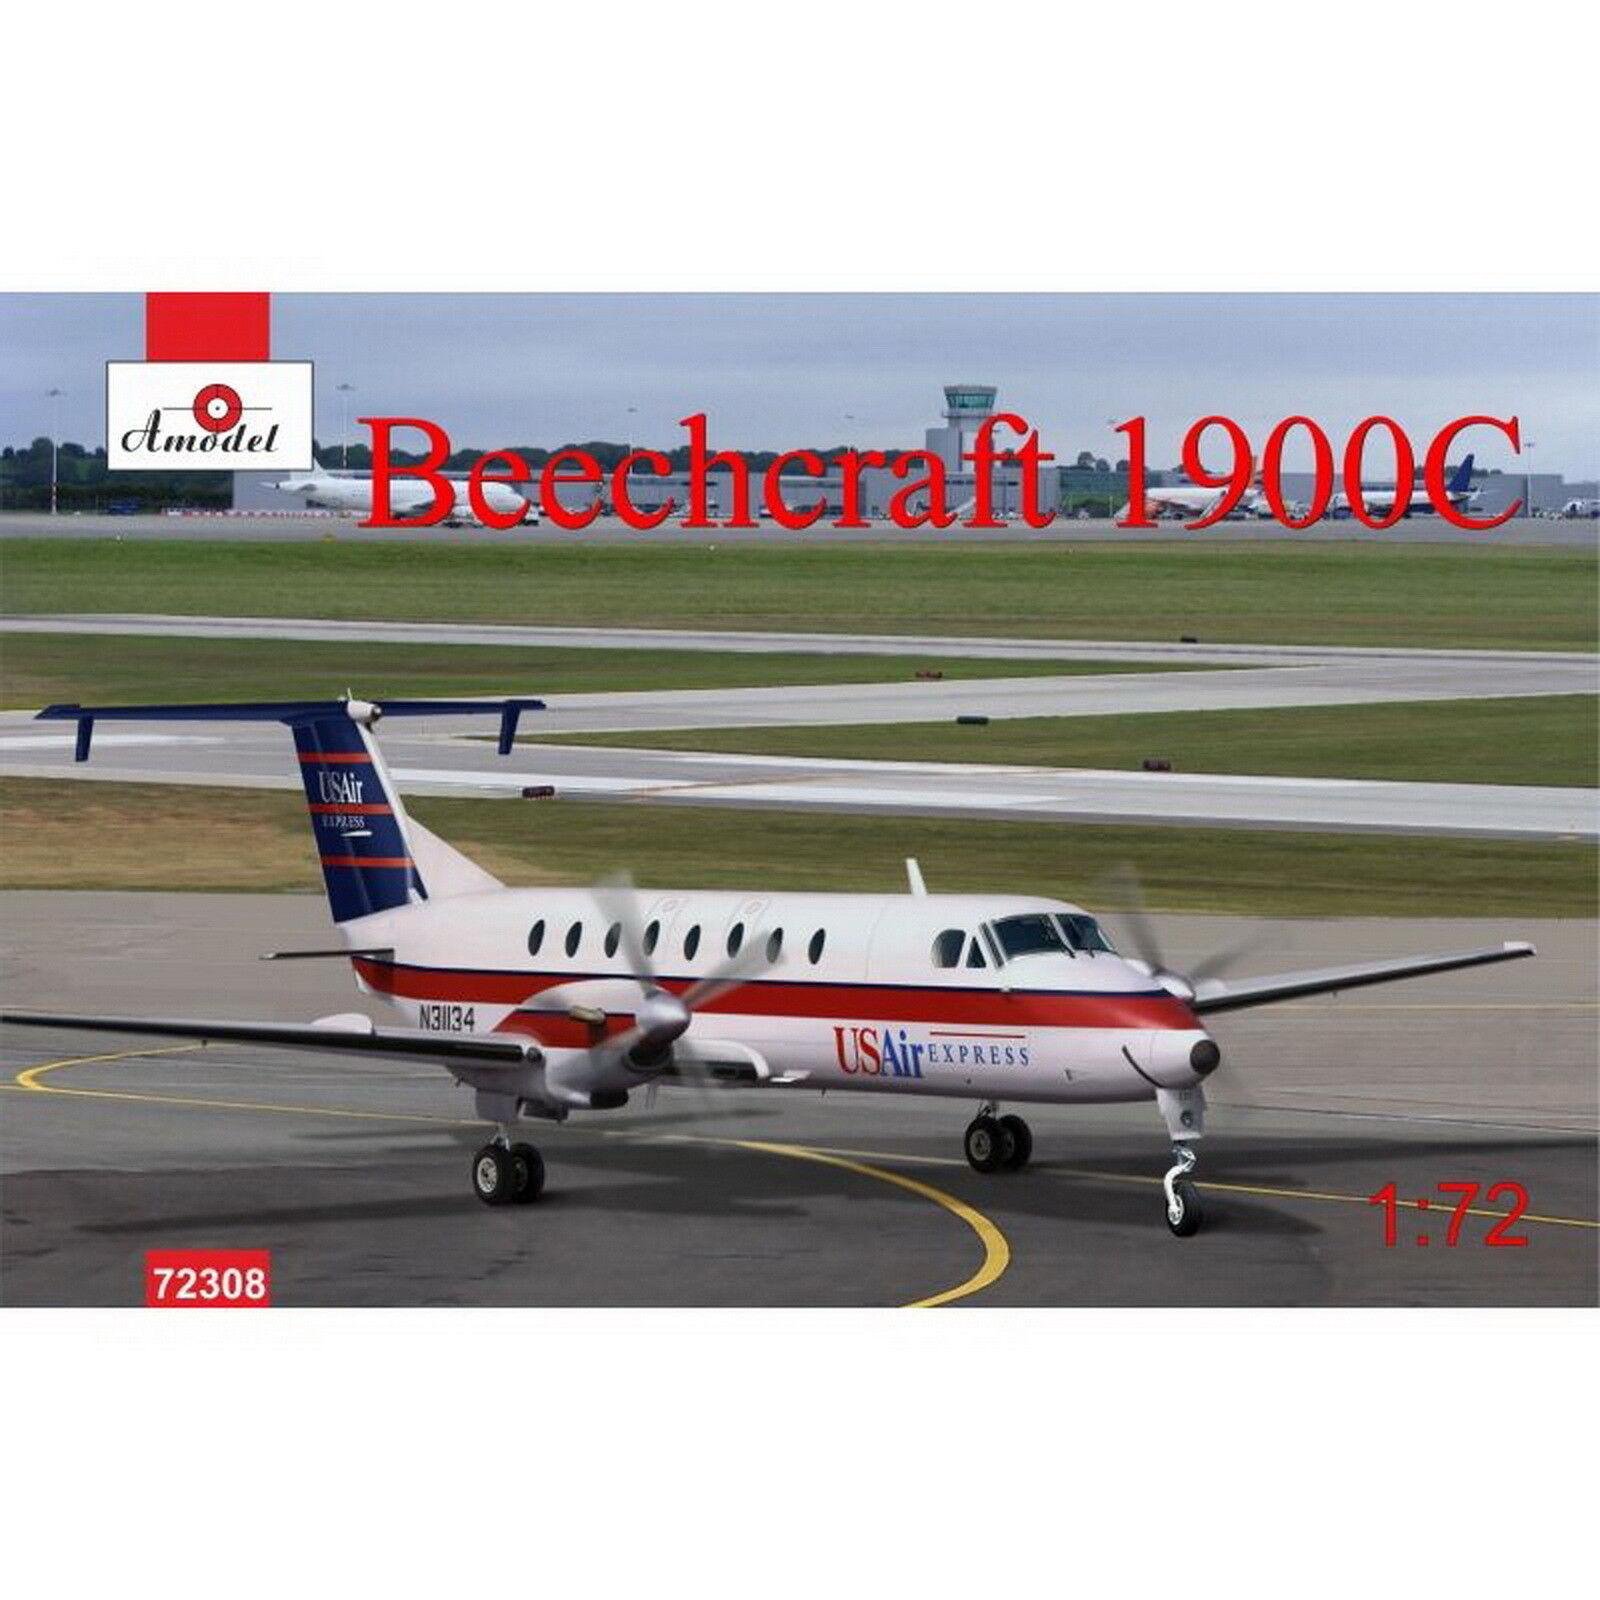 Amodel 72308 Beechcraft 1900C 1 72 hobby model kit